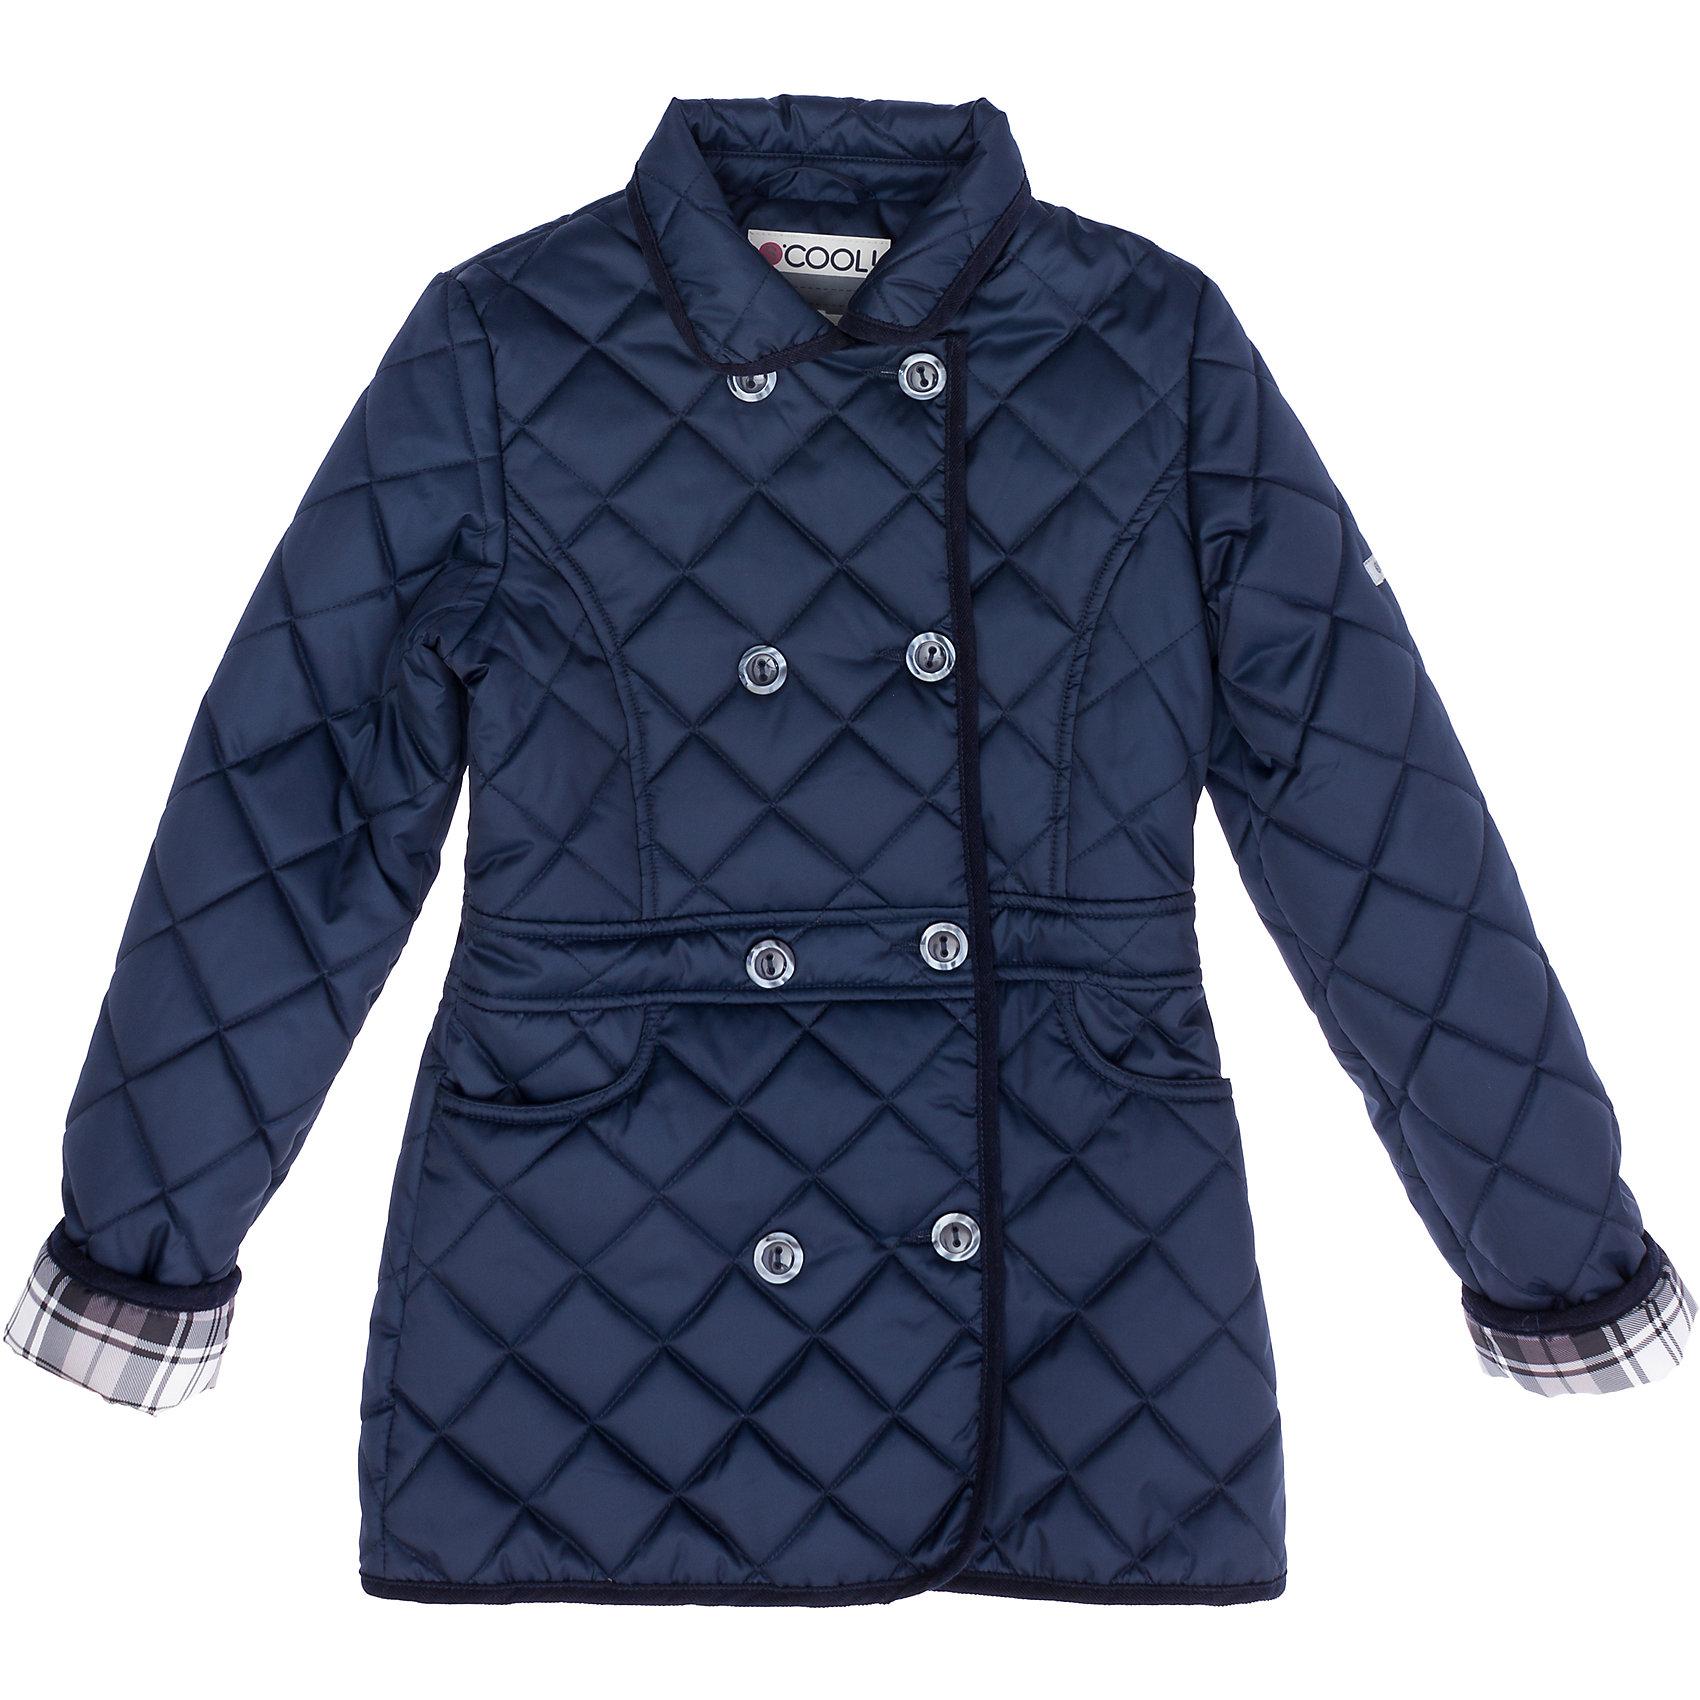 Куртка для девочки ScoolВерхняя одежда<br>Куртка для девочки от известного бренда Scool<br>Состав:<br>Верх: 100% полиэстер, Подкладка: 100% полиэстер, Наполнитель: 100% полиэстер, 100 г/м2<br>Легкая стеганая куртка для теплой осени. Застегивается на пуговицы, внутри подкладка из таффеты в клетку. Есть два глубоких кармана.<br><br>Ширина мм: 356<br>Глубина мм: 10<br>Высота мм: 245<br>Вес г: 519<br>Цвет: полуночно-синий<br>Возраст от месяцев: 72<br>Возраст до месяцев: 84<br>Пол: Женский<br>Возраст: Детский<br>Размер: 122,134,164,146,158,152,128,140<br>SKU: 4686883